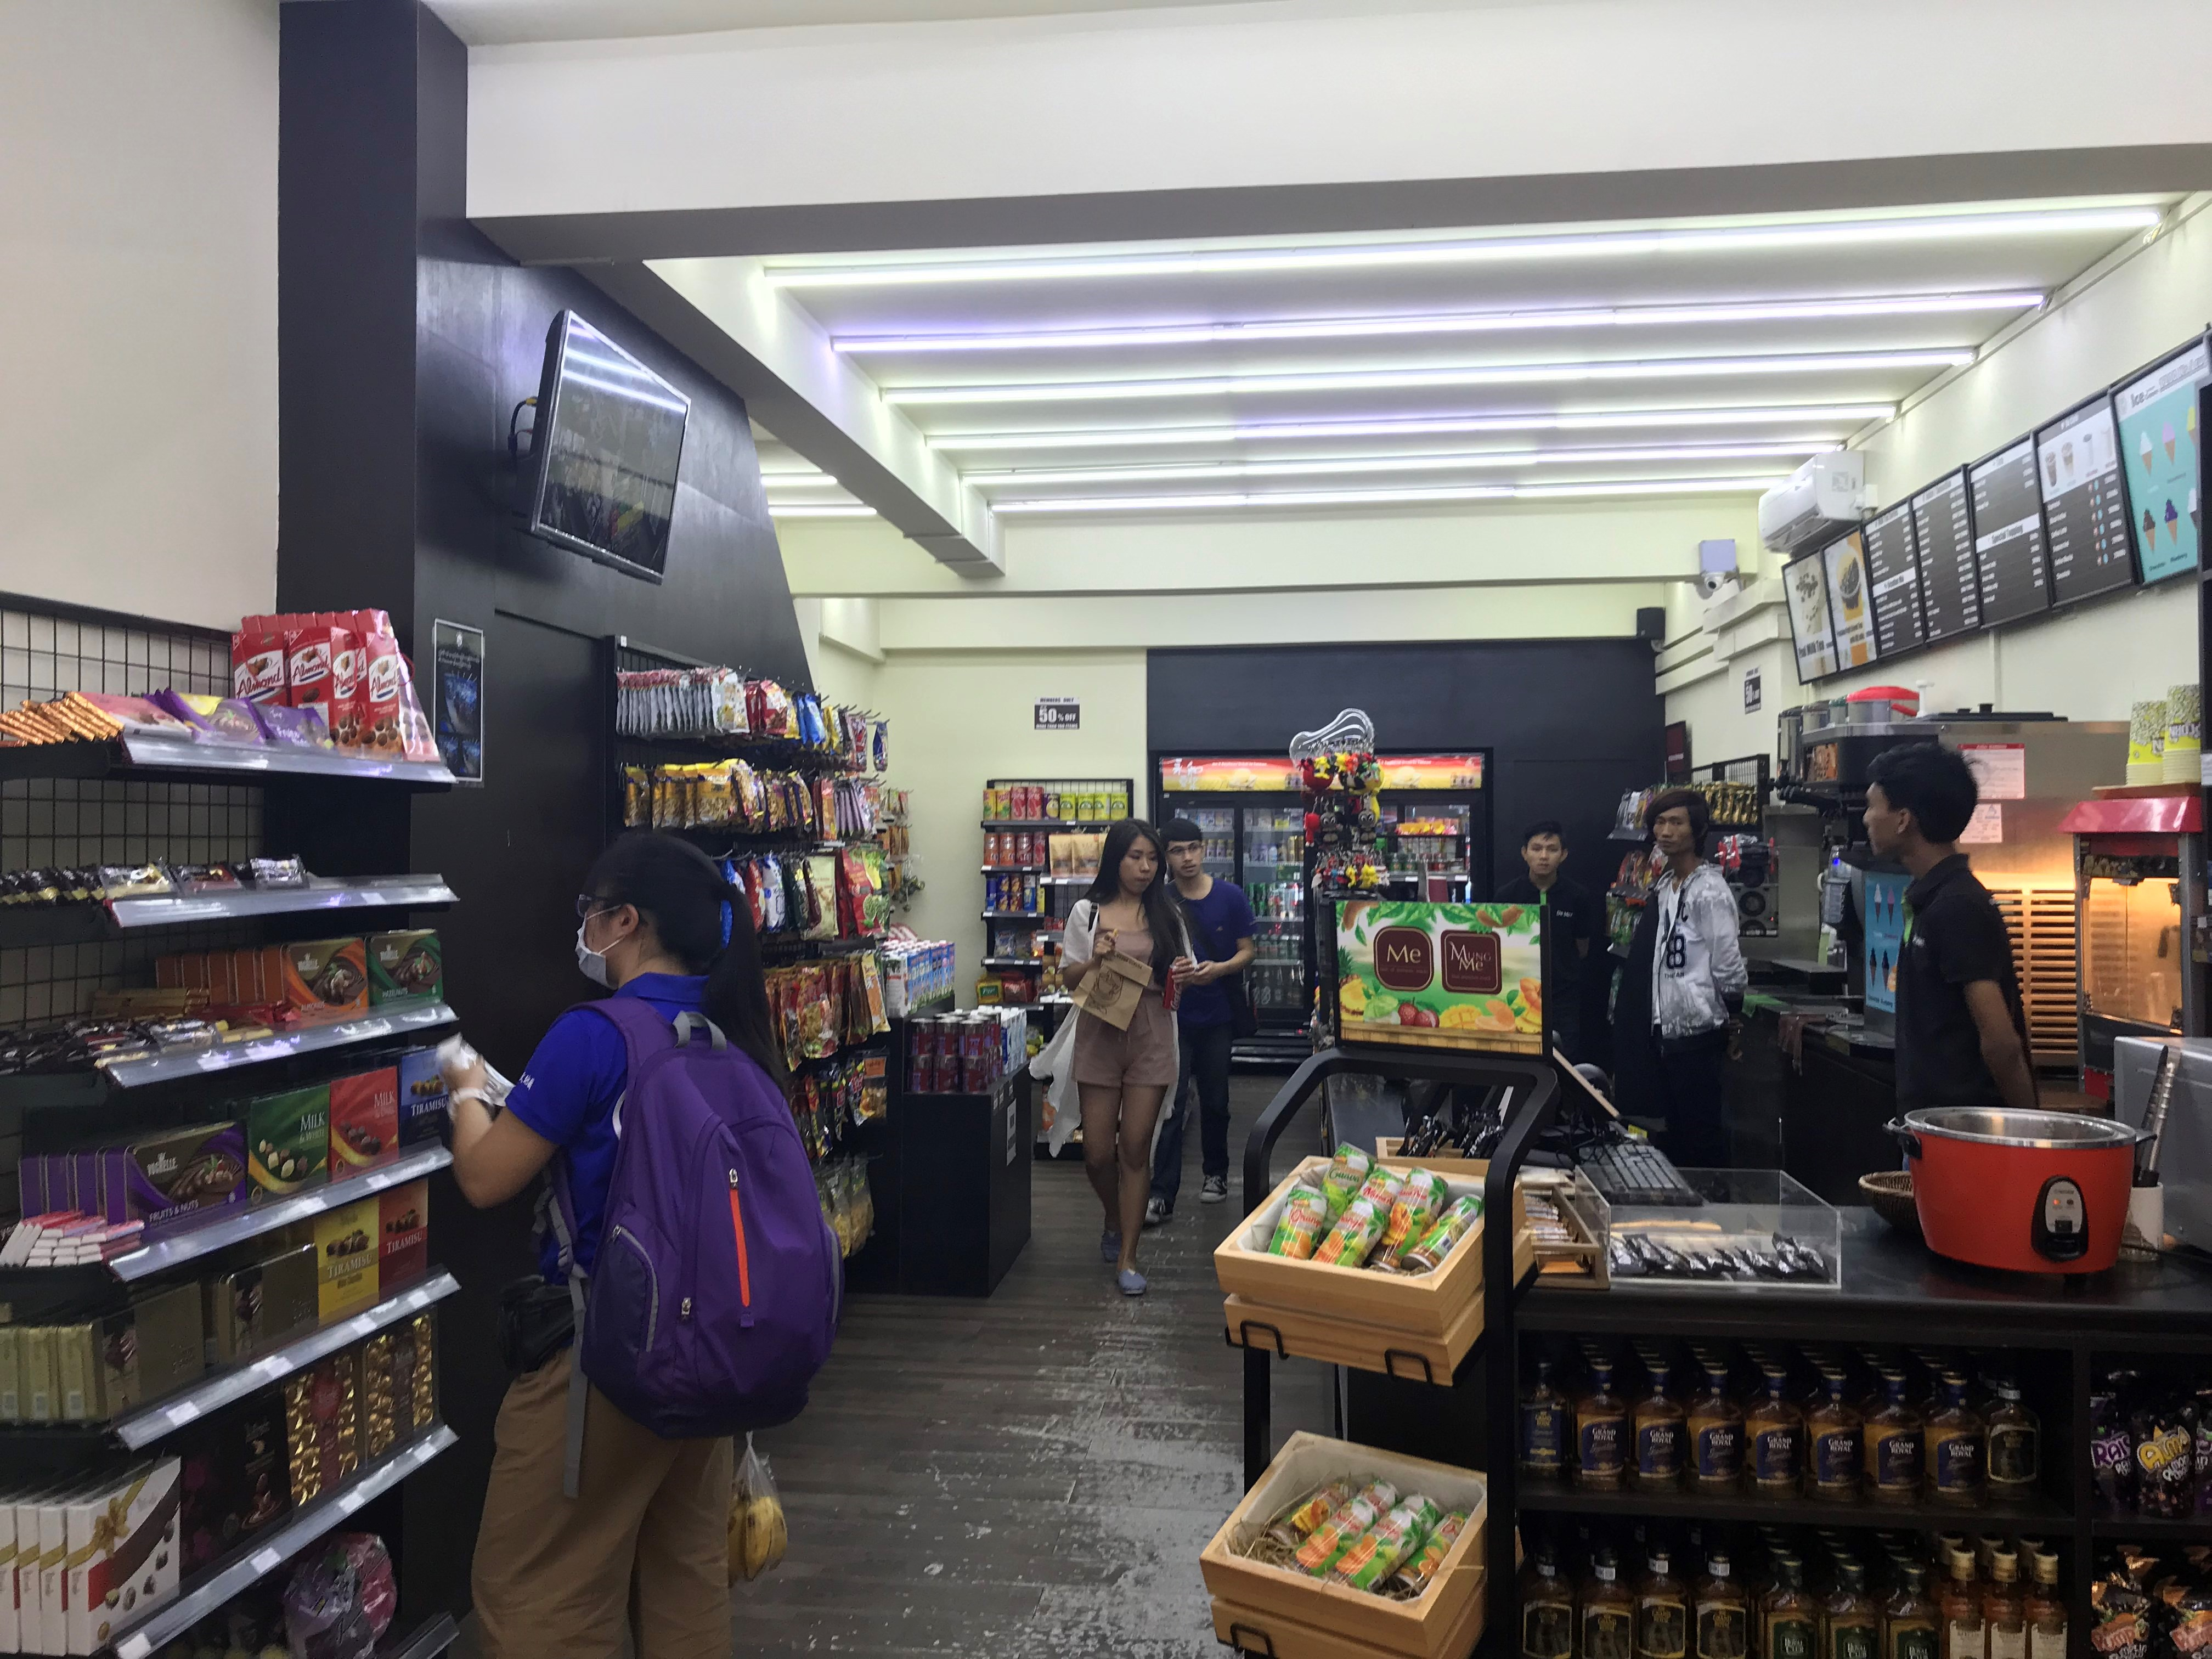 青年團隊抵達採訪的De Mart,觀察來客與環境,以了解當地市場